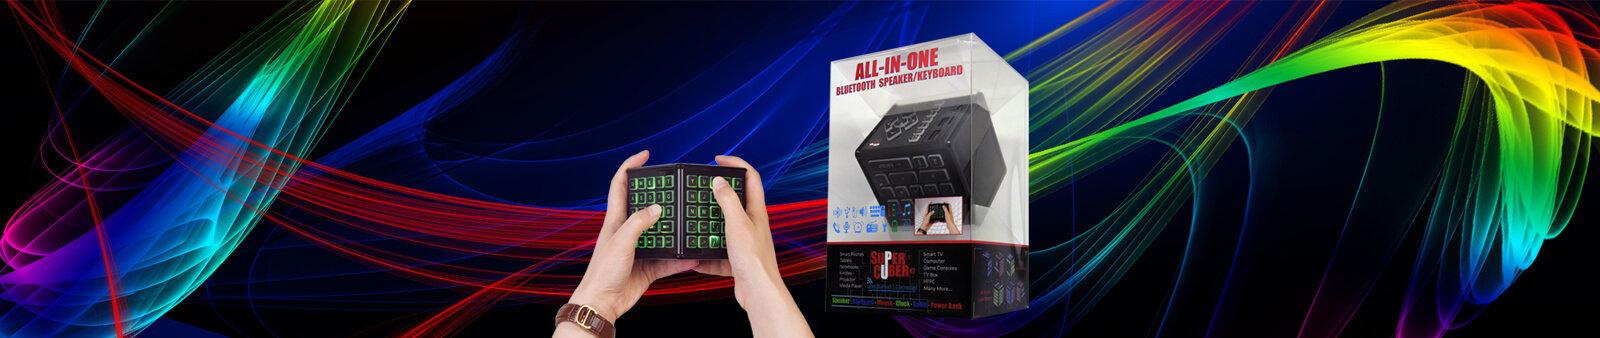 typing-case-super-cuber.jpg